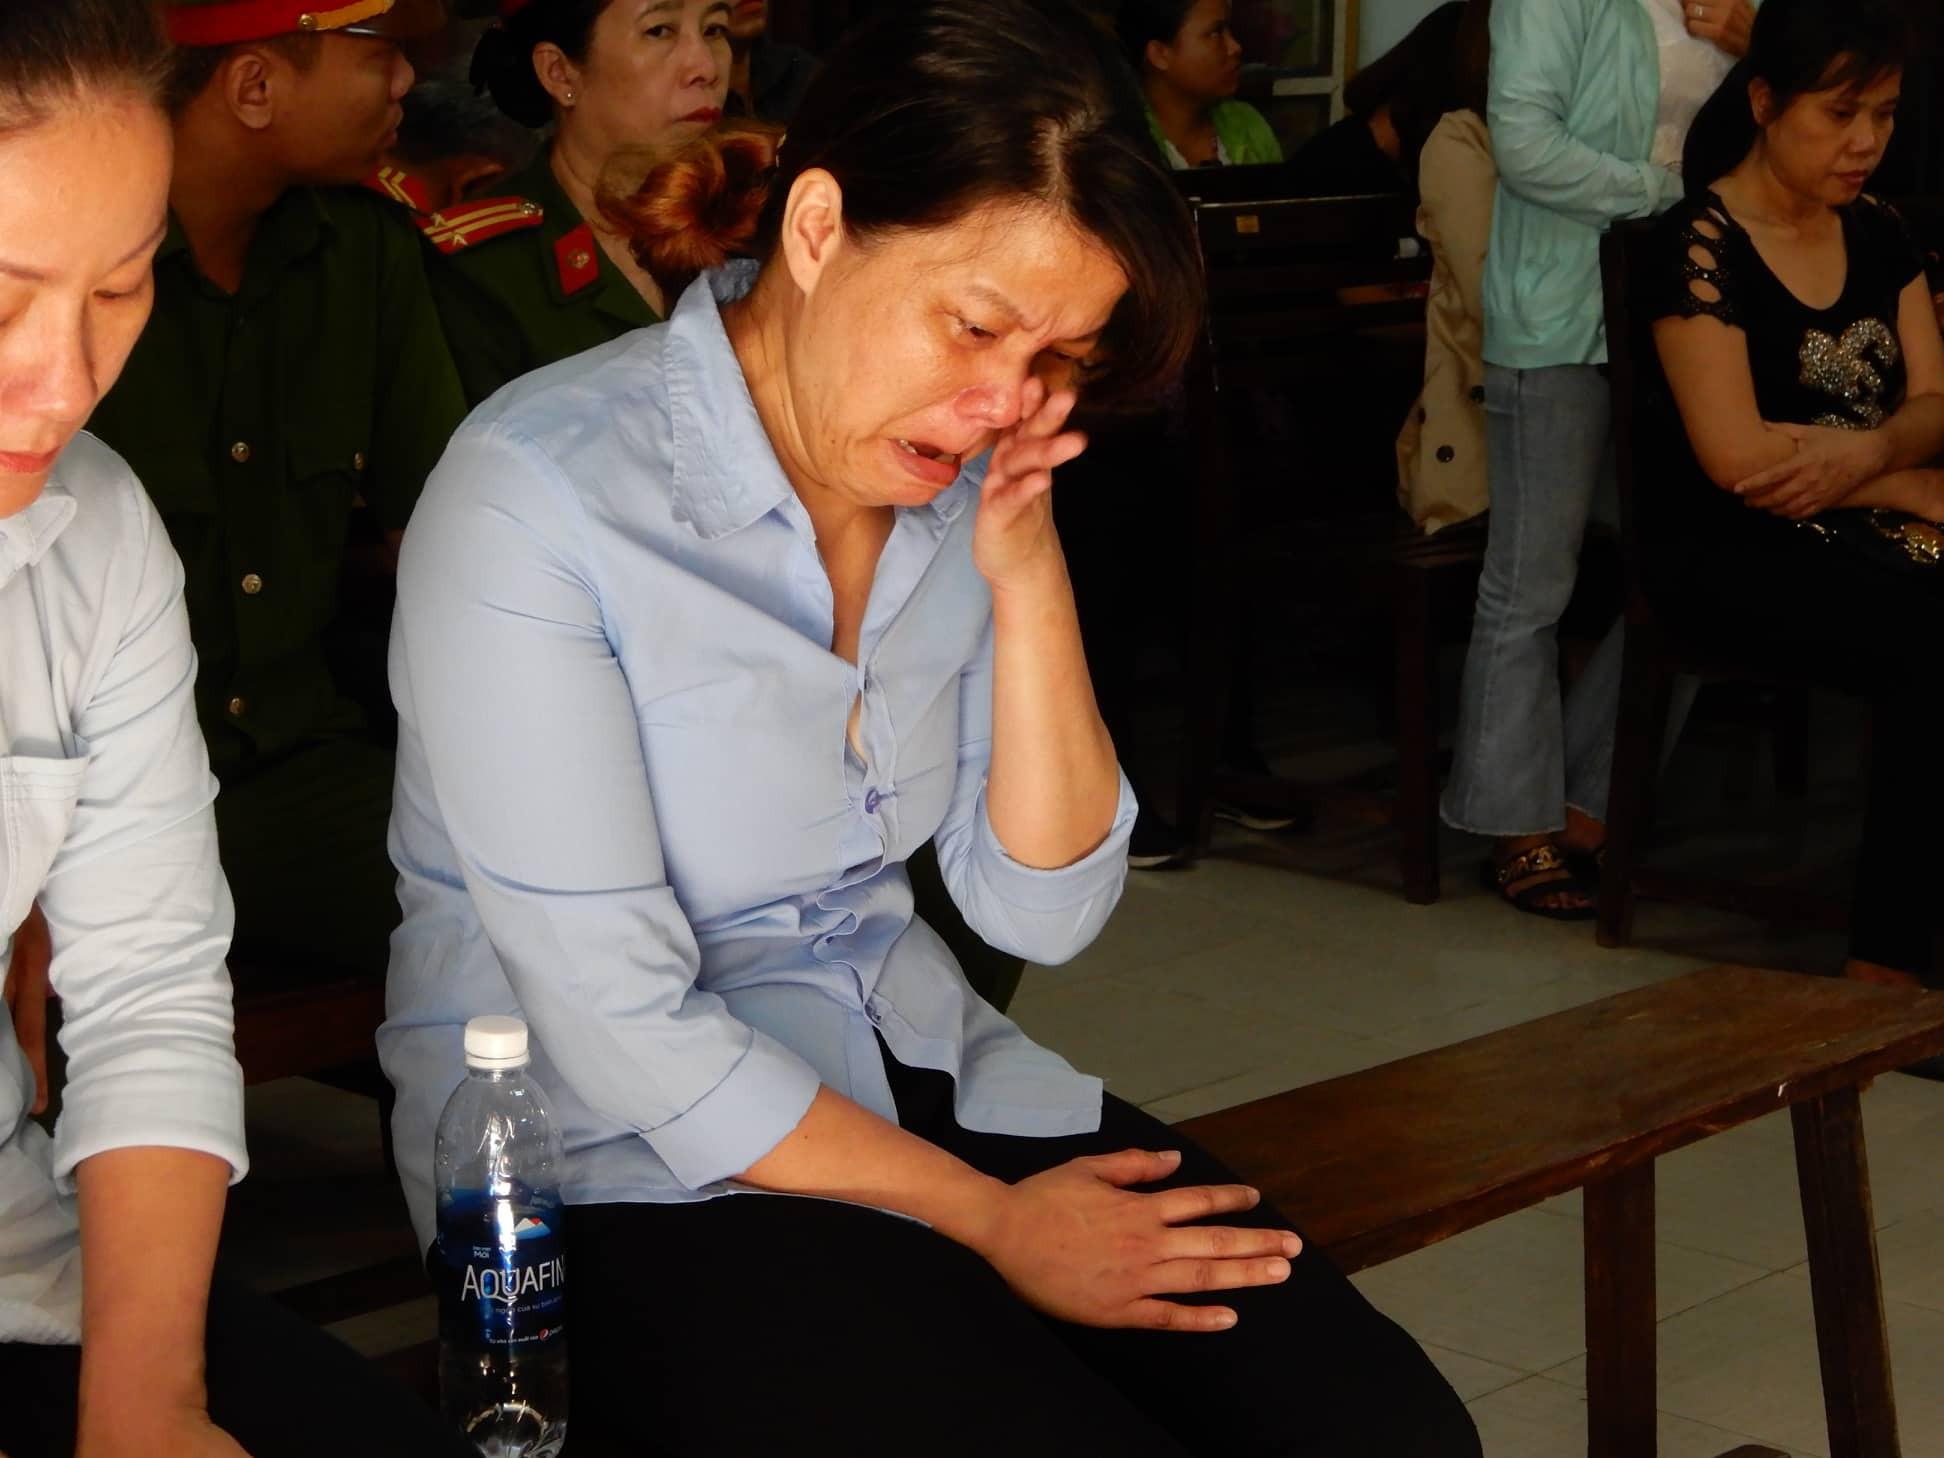 Lãnh án 2 năm tù, bảo mẫu Mẹ Mười bạo hành nhiều trẻ nhỏ ở Đà Nẵng liên tục khóc nức nở - Ảnh 2.